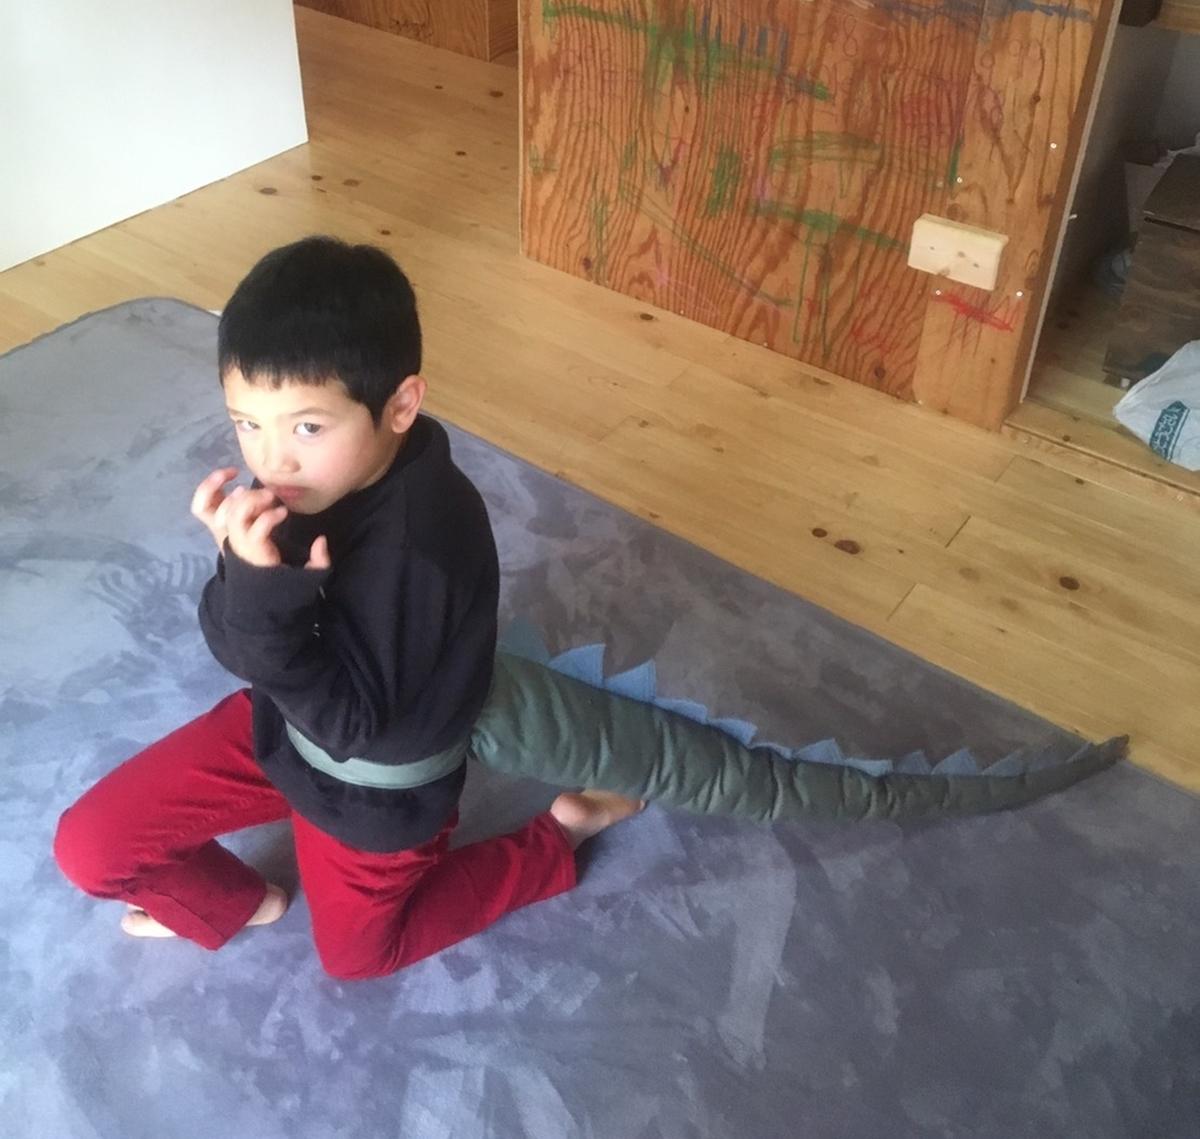 dinasaur tail